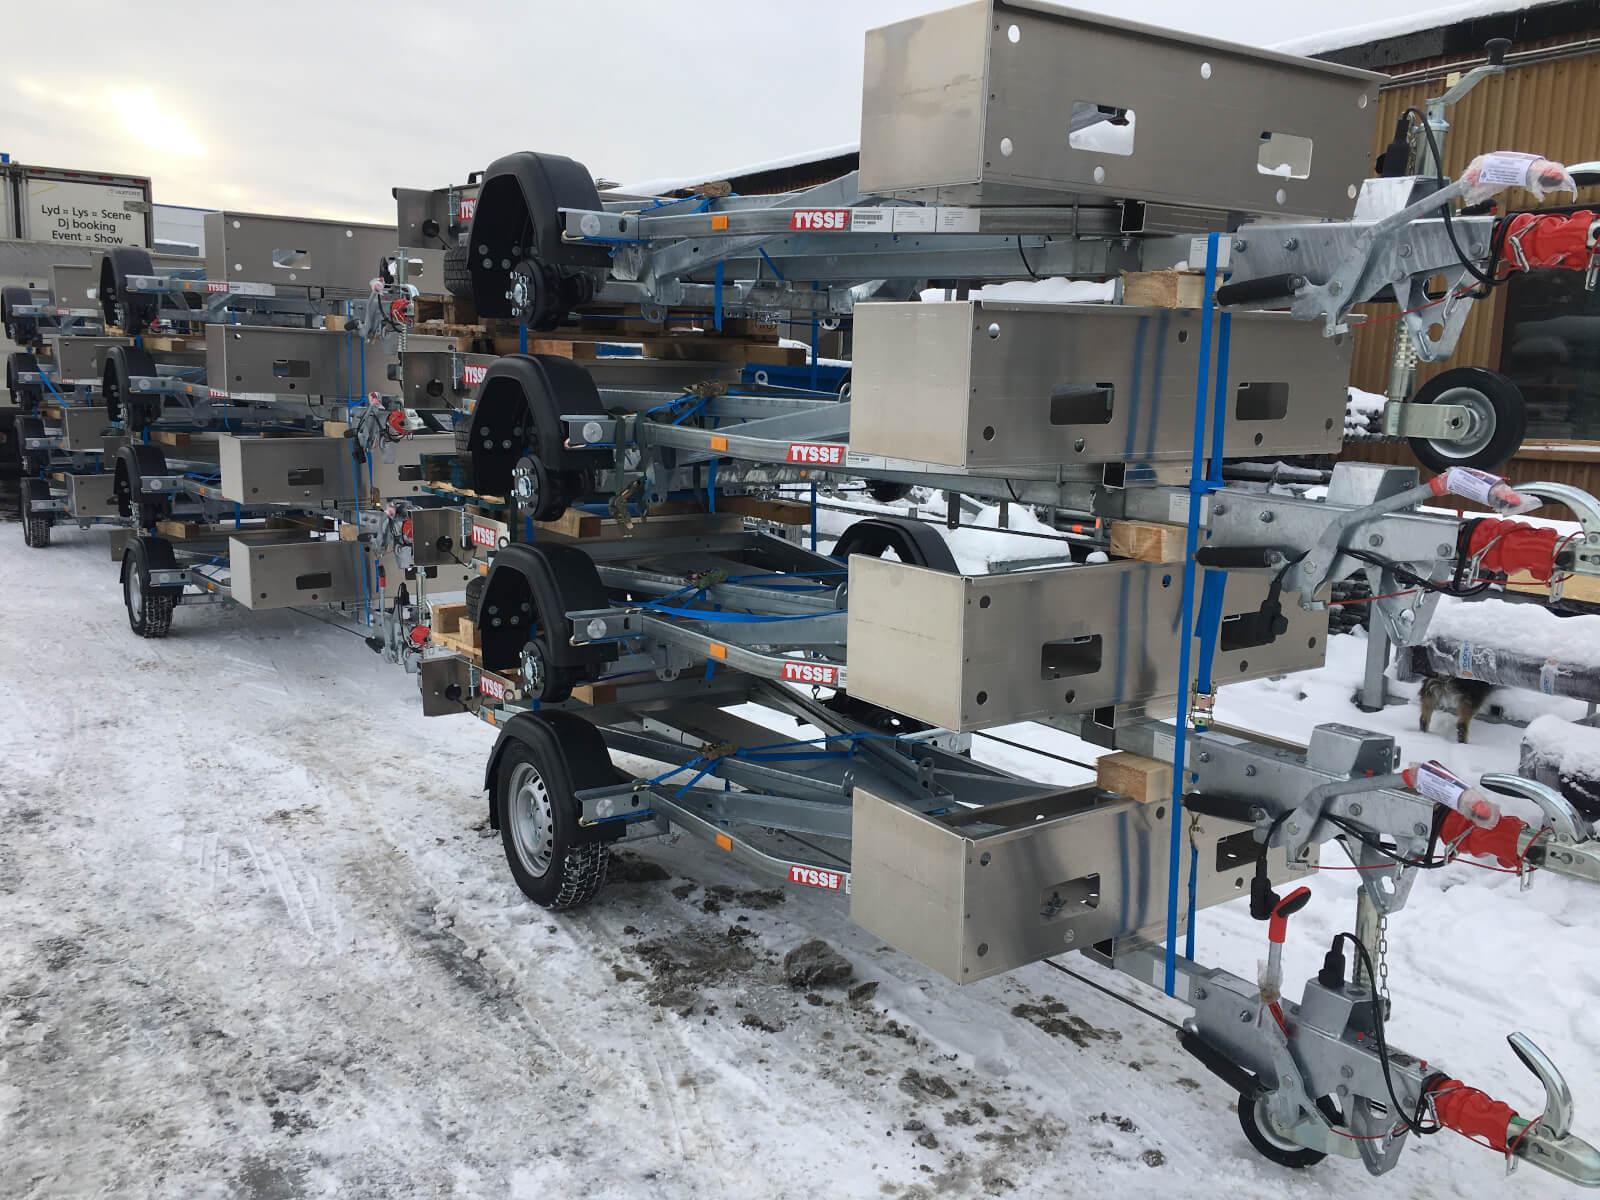 Våre stillashengere blir levert ferdig omregistrerte og klar til bruk.